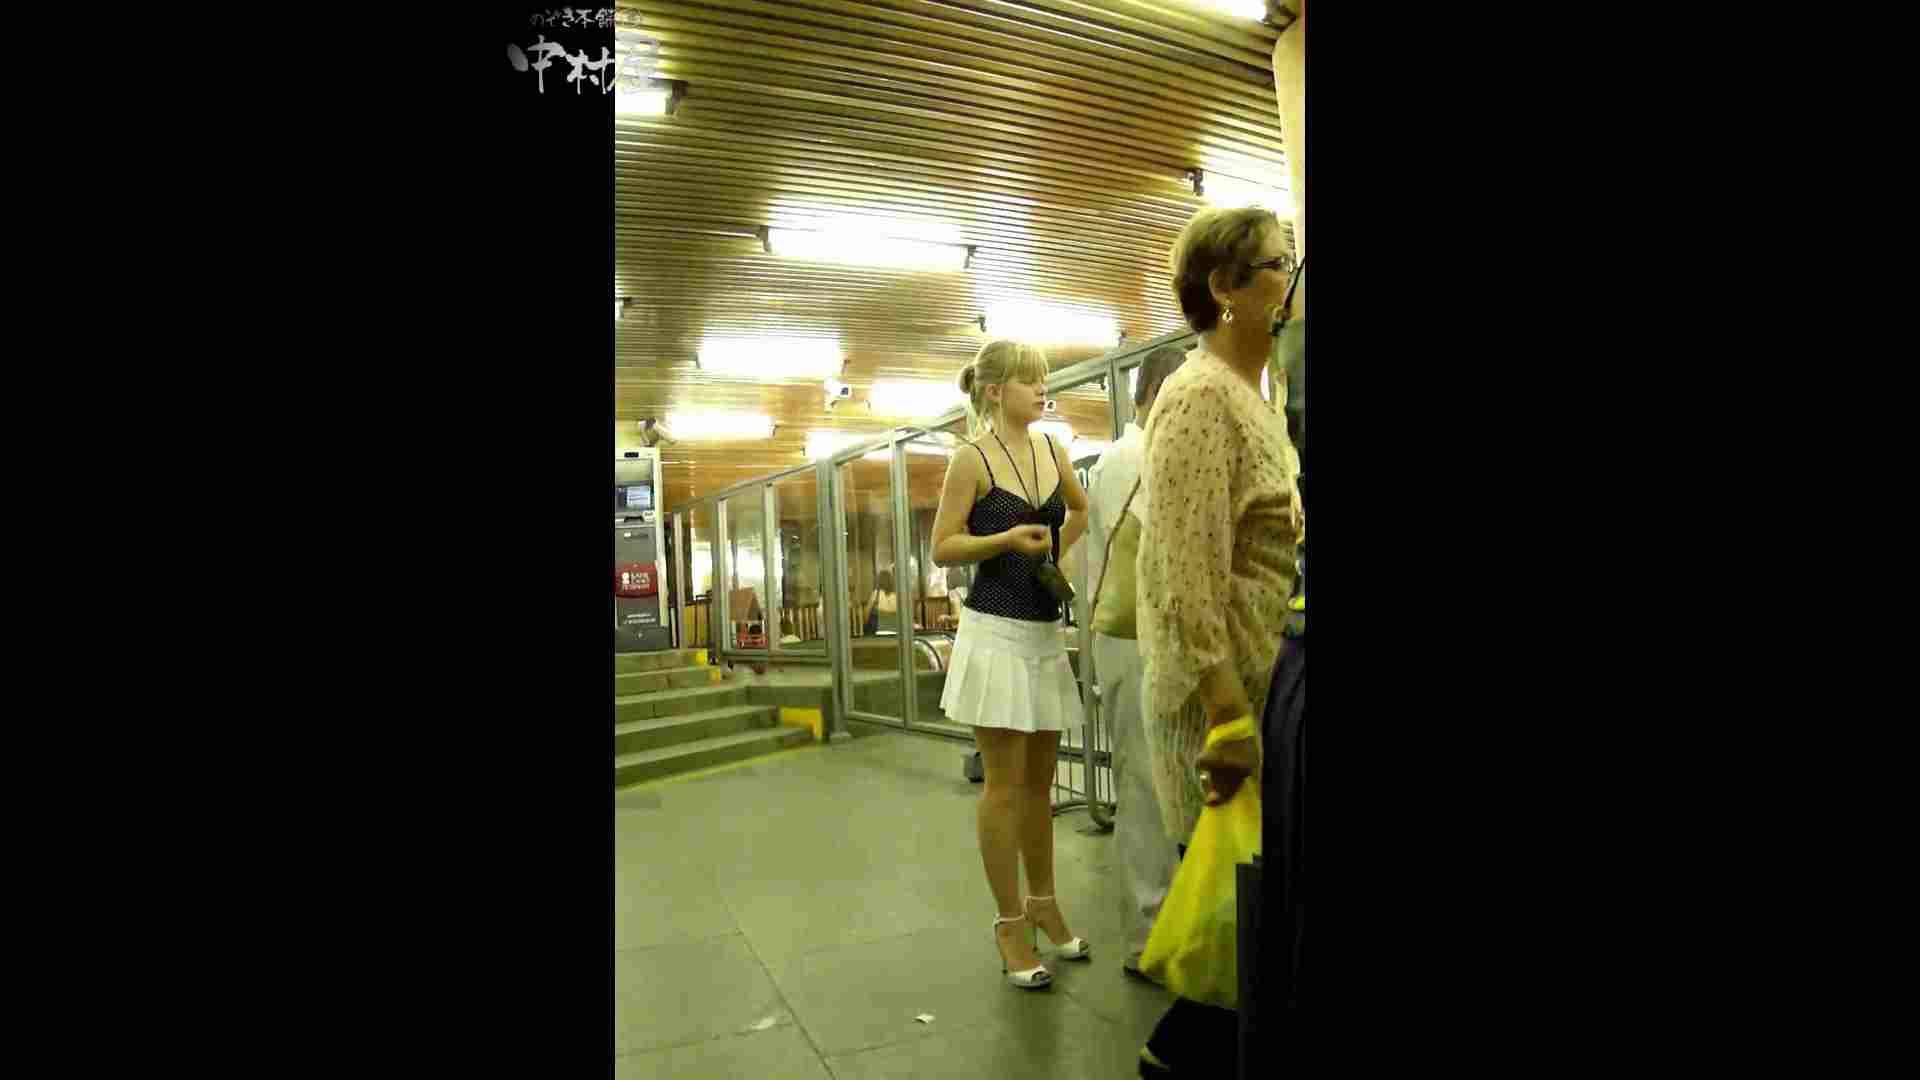 綺麗なモデルさんのスカート捲っちゃおう‼ vol25 モデル AV無料動画キャプチャ 62連発 17